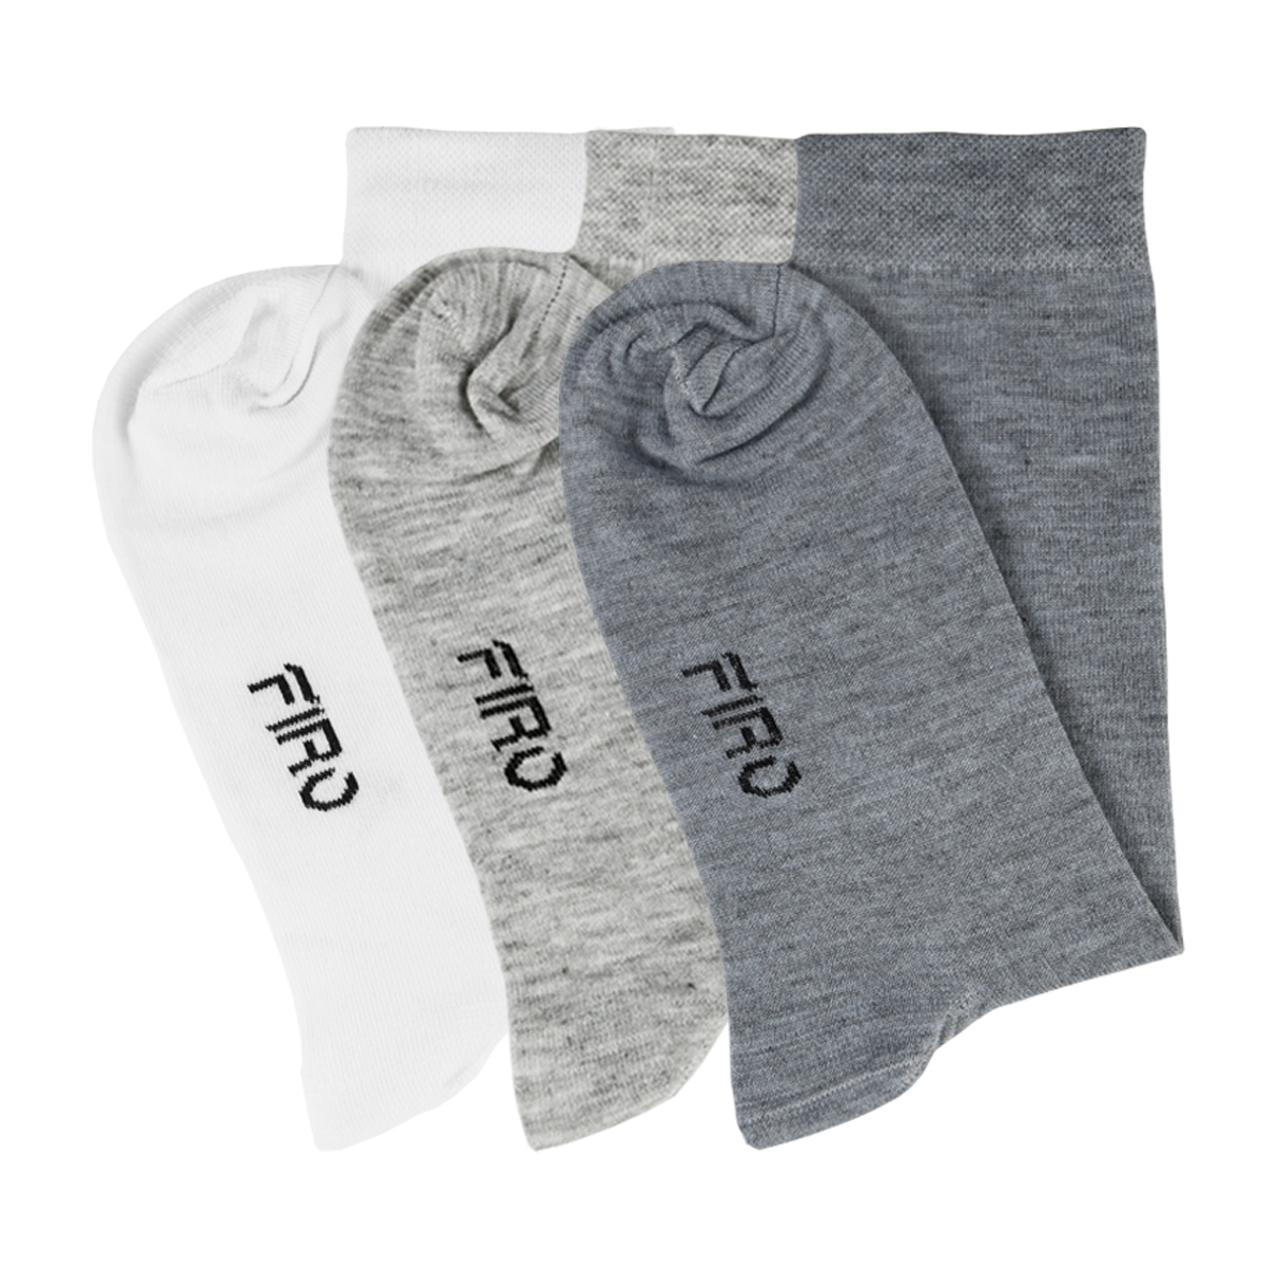 جوراب مردانه فیرو کد FT267 مجموعه 3 عددی